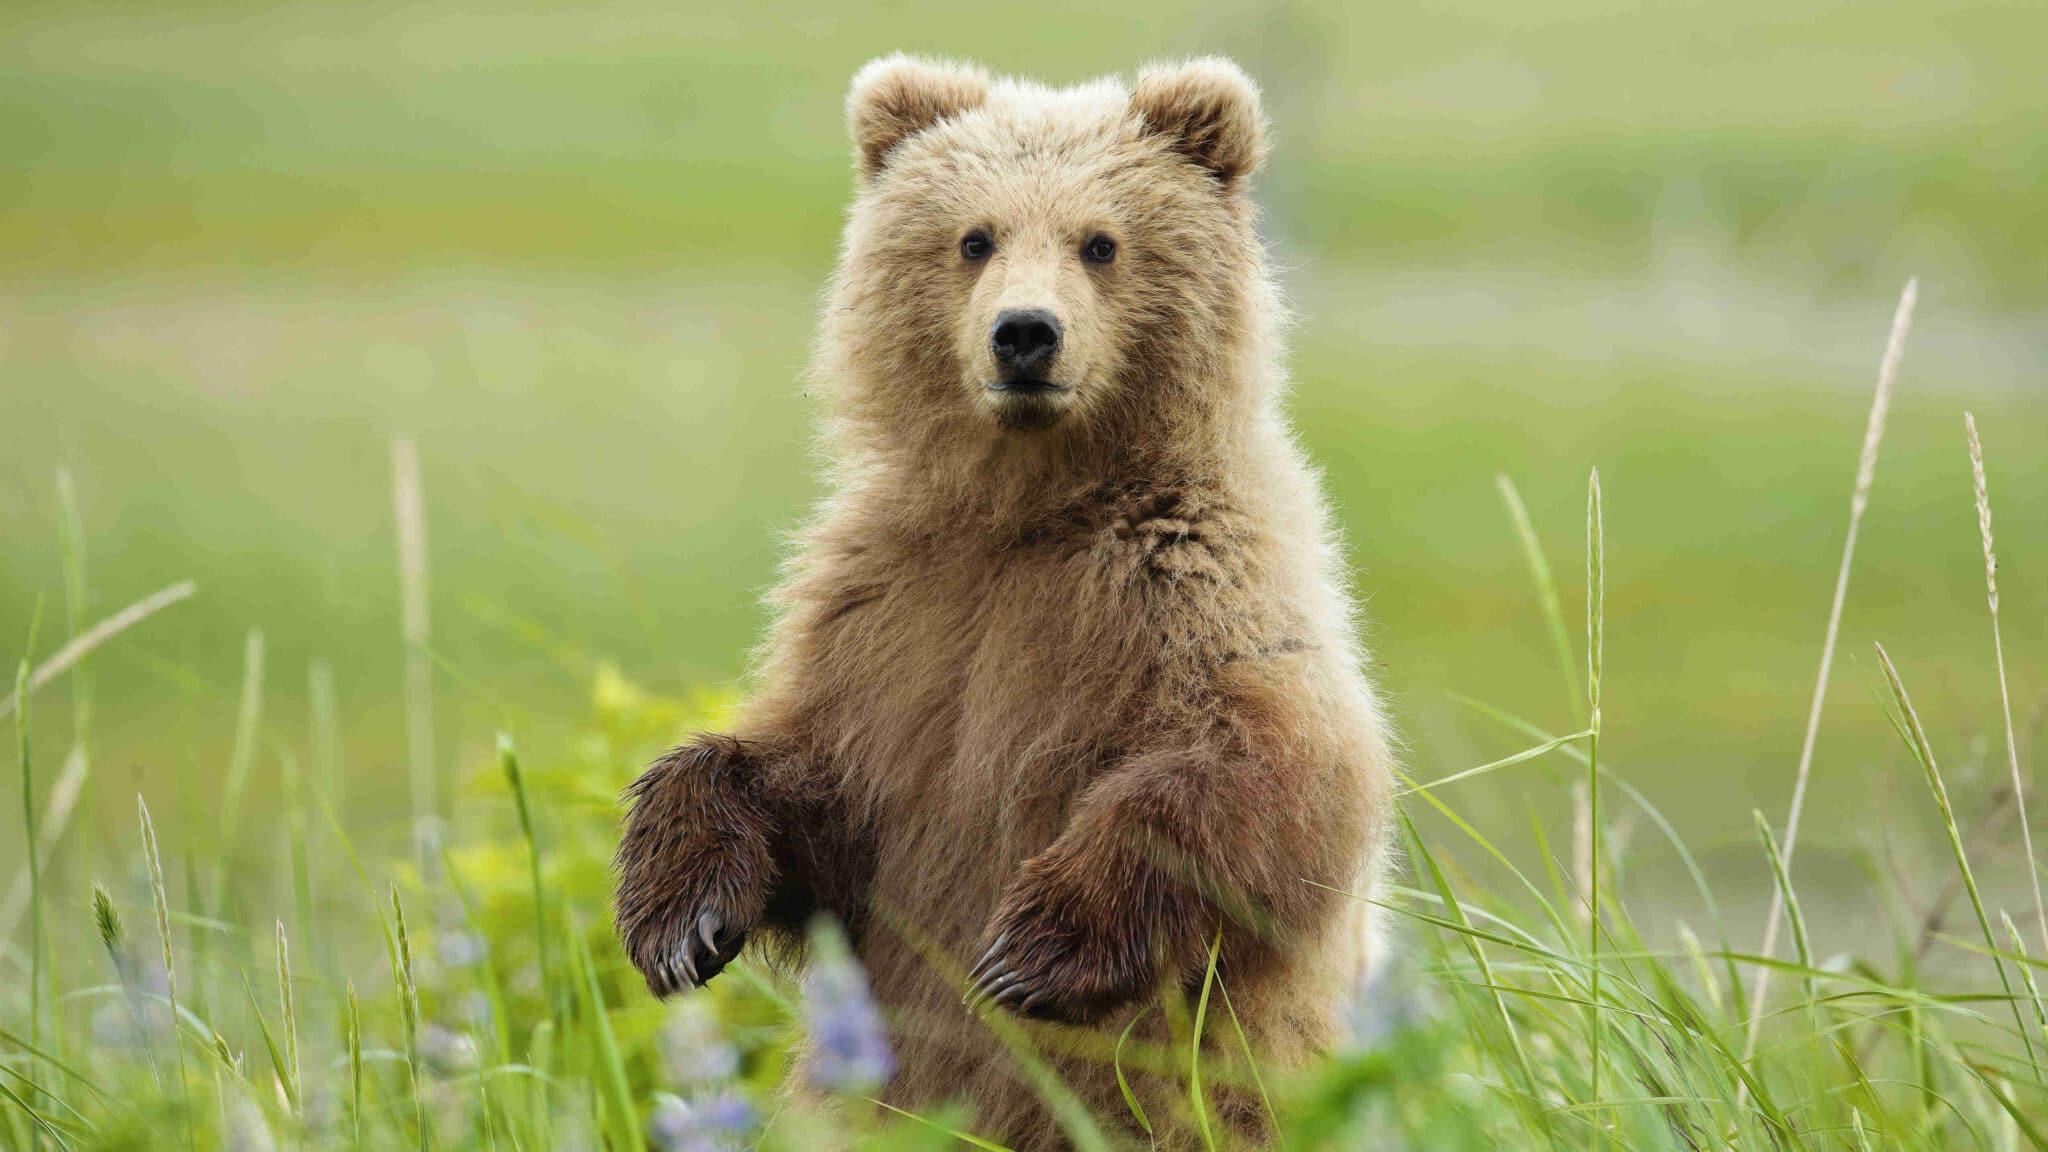 In Italia restano circa 150 orsi<br>Carattere ed abitudini dei plantigradi